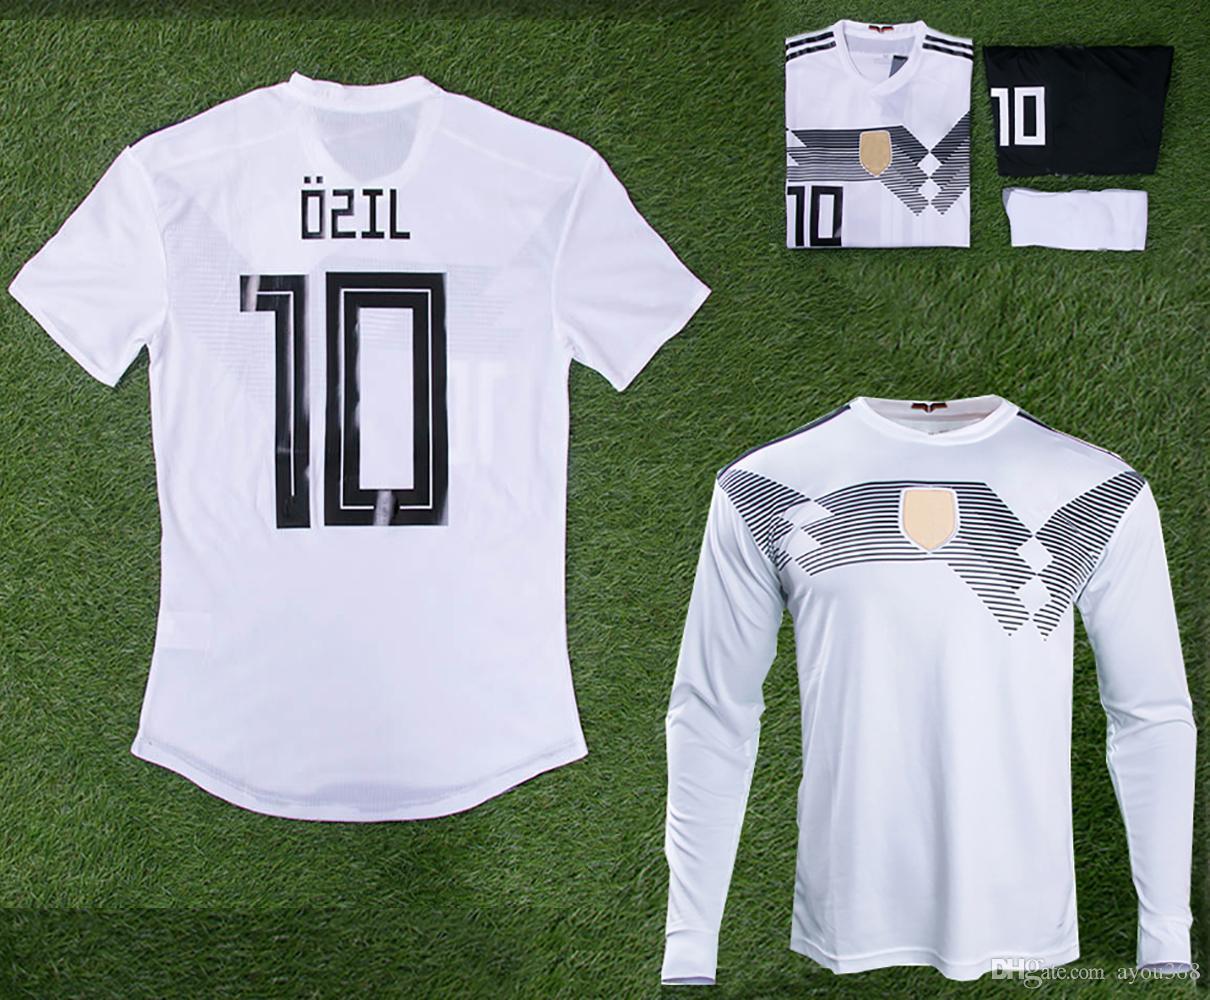 Compre Camisa De Futebol 2018 Copa Do Mundo Em Casa Branco 18 19 Alemanha  Muller Ozil Gotze Reus Kroos Uniformes Camisa De Futebol Adulto Mulheres  Infantil ... f8f30e8b11562